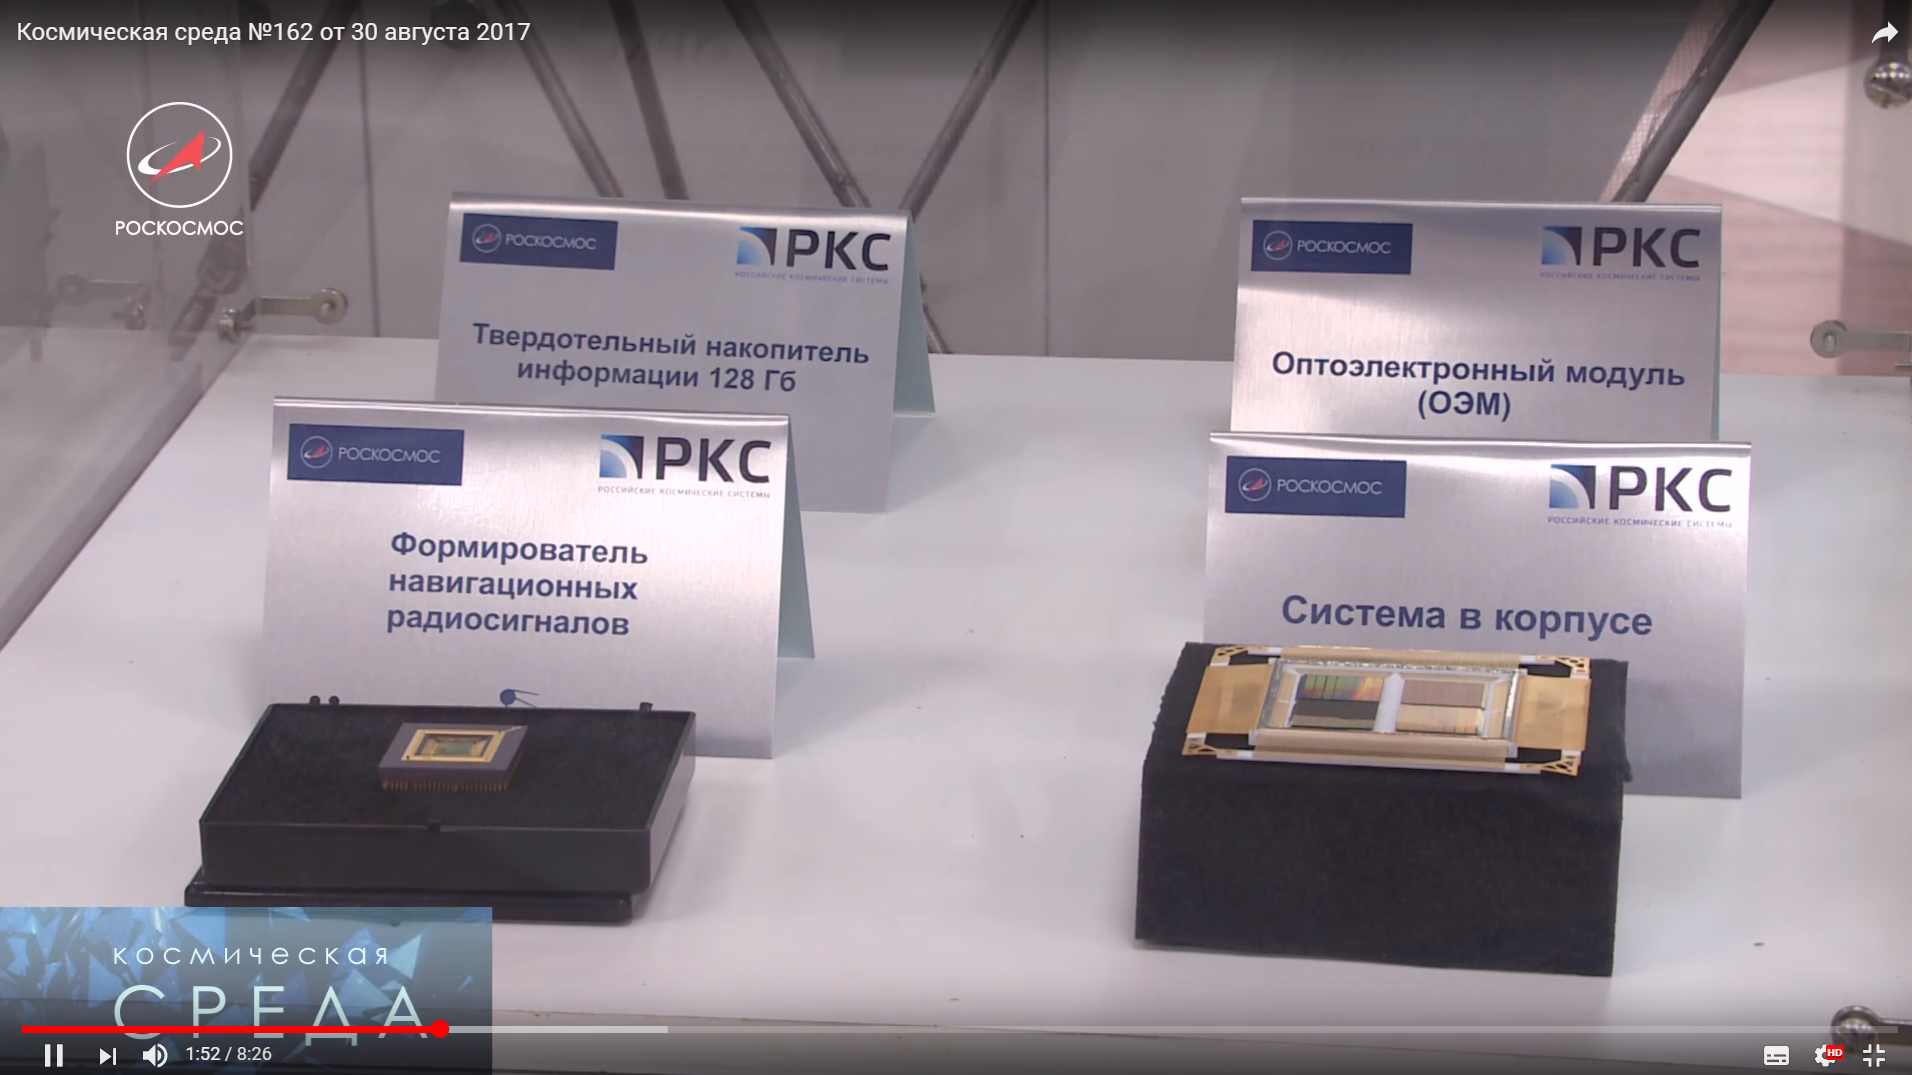 РОСКОСМОС SSD